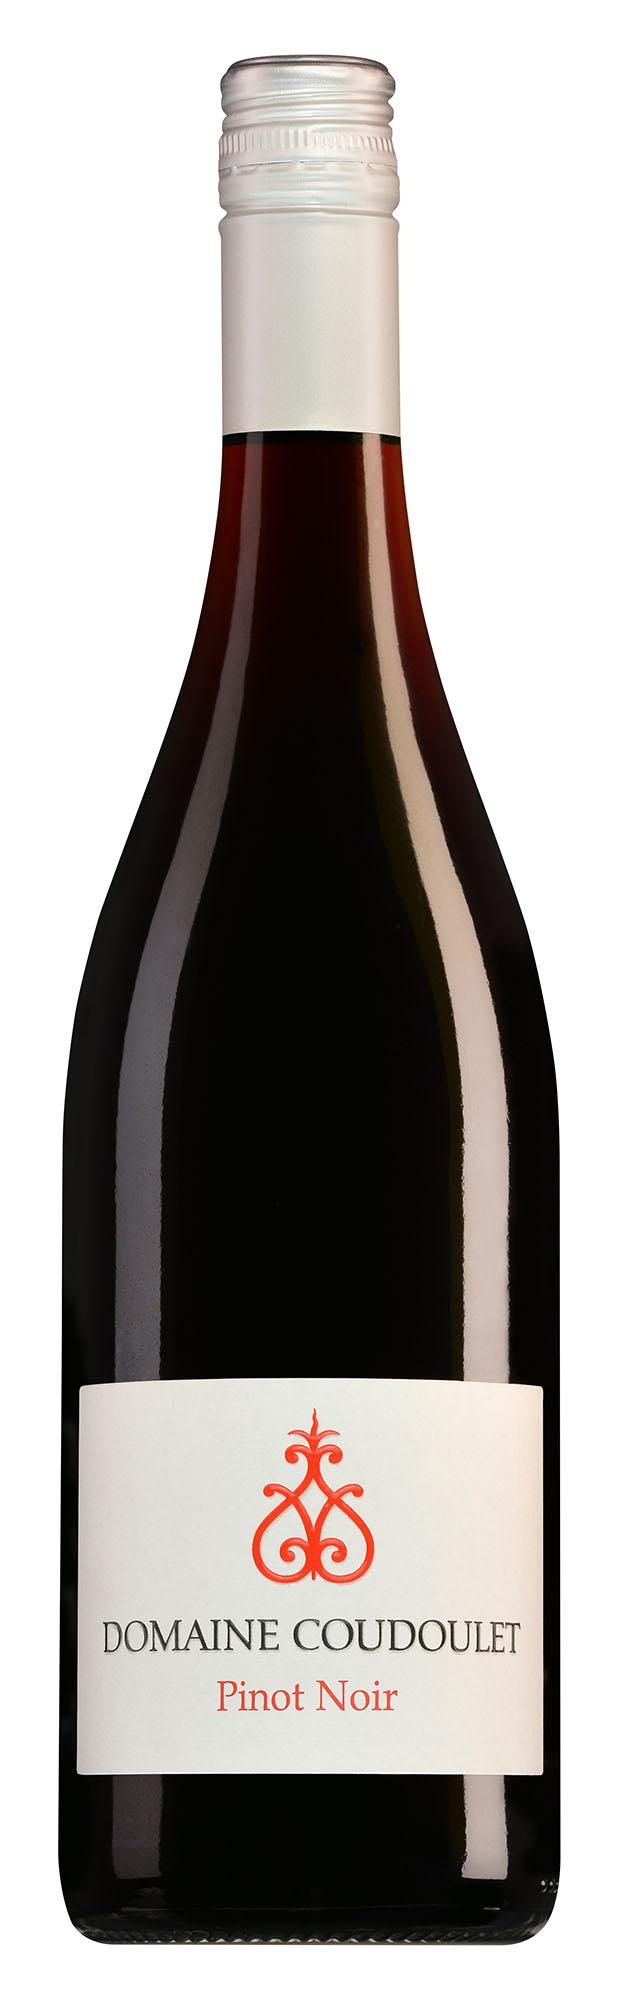 Domaine Coudoulet Pays d'Oc Pinot Noir